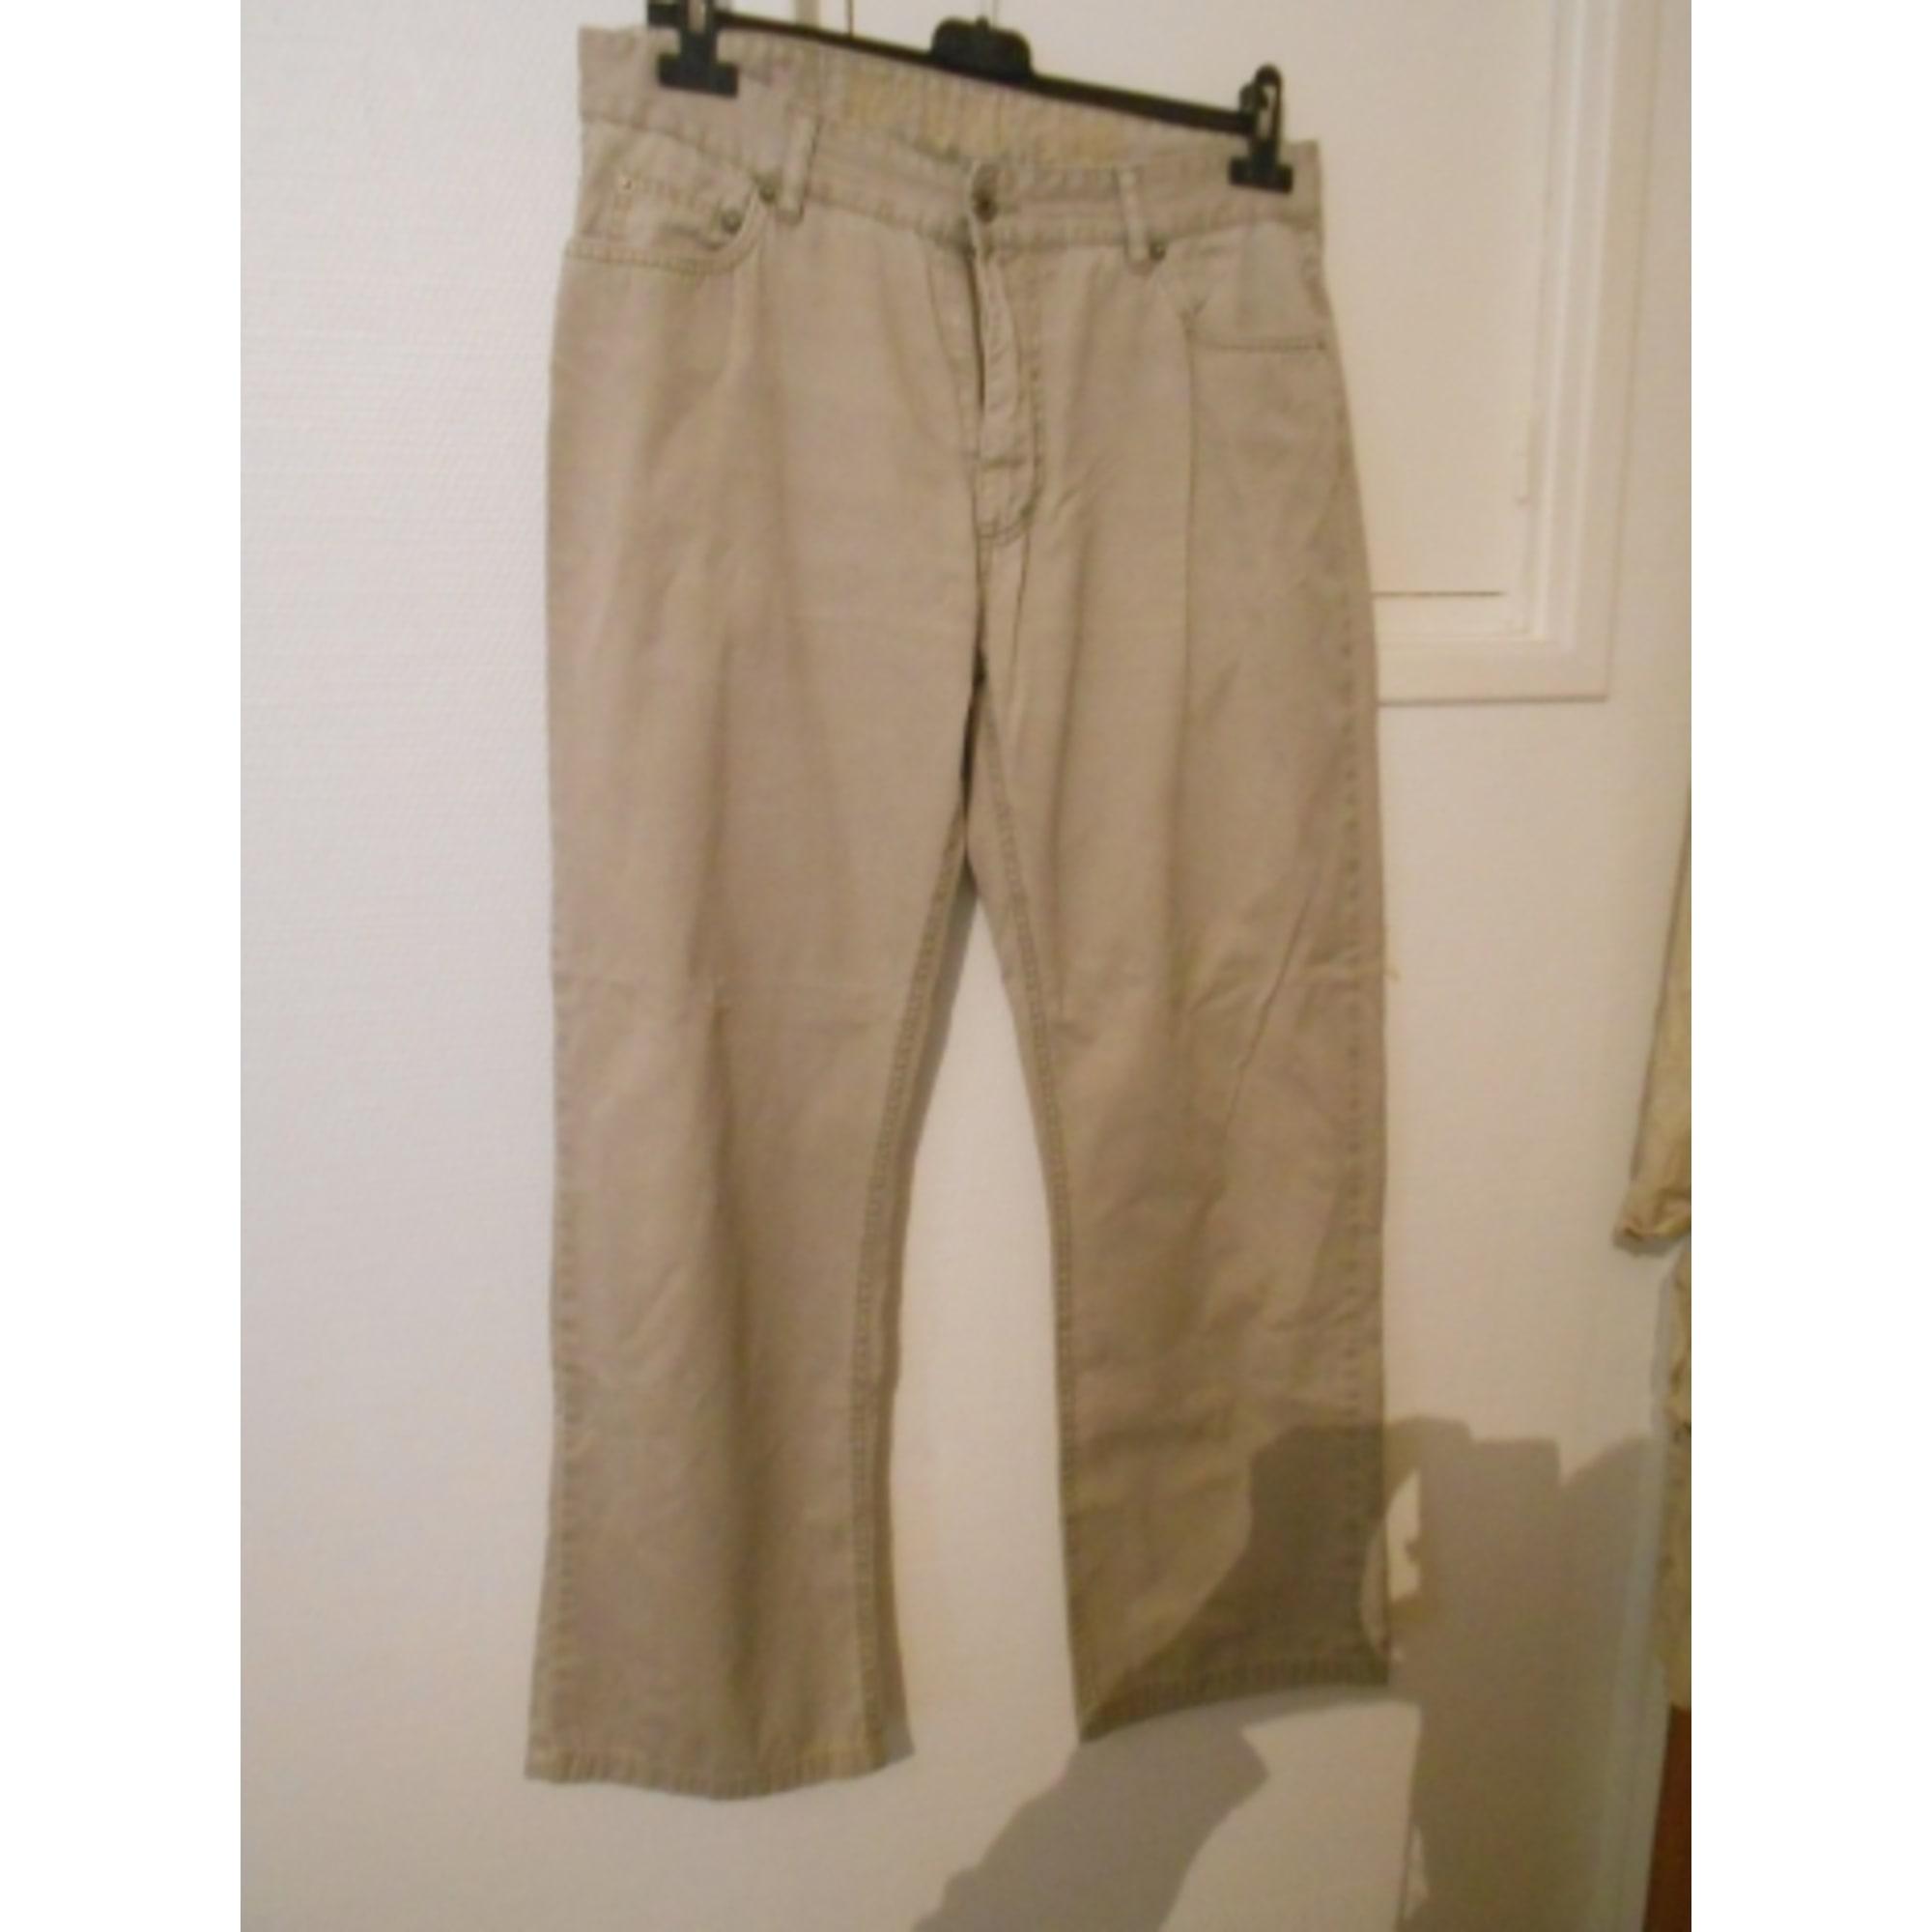 Pantalon droit MC GREGOR Beige, camel